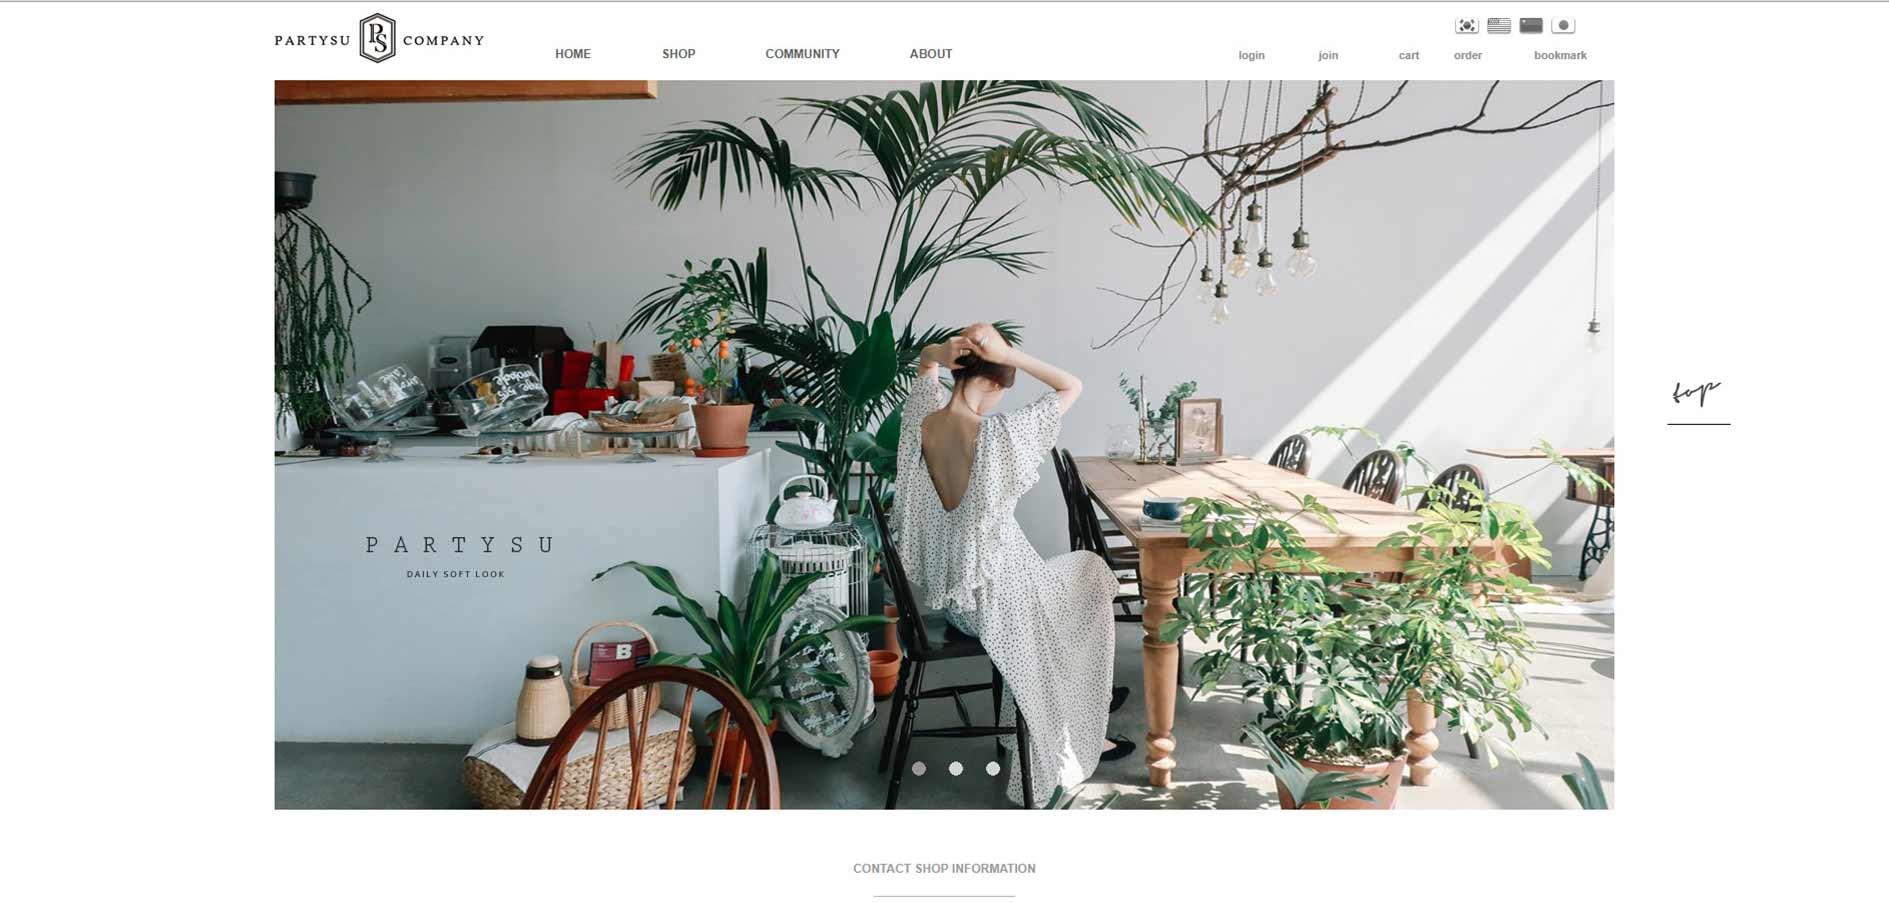 品質とデザインでおすすめな韓国ファッション通販サイトのPARTYSU(パーティス)